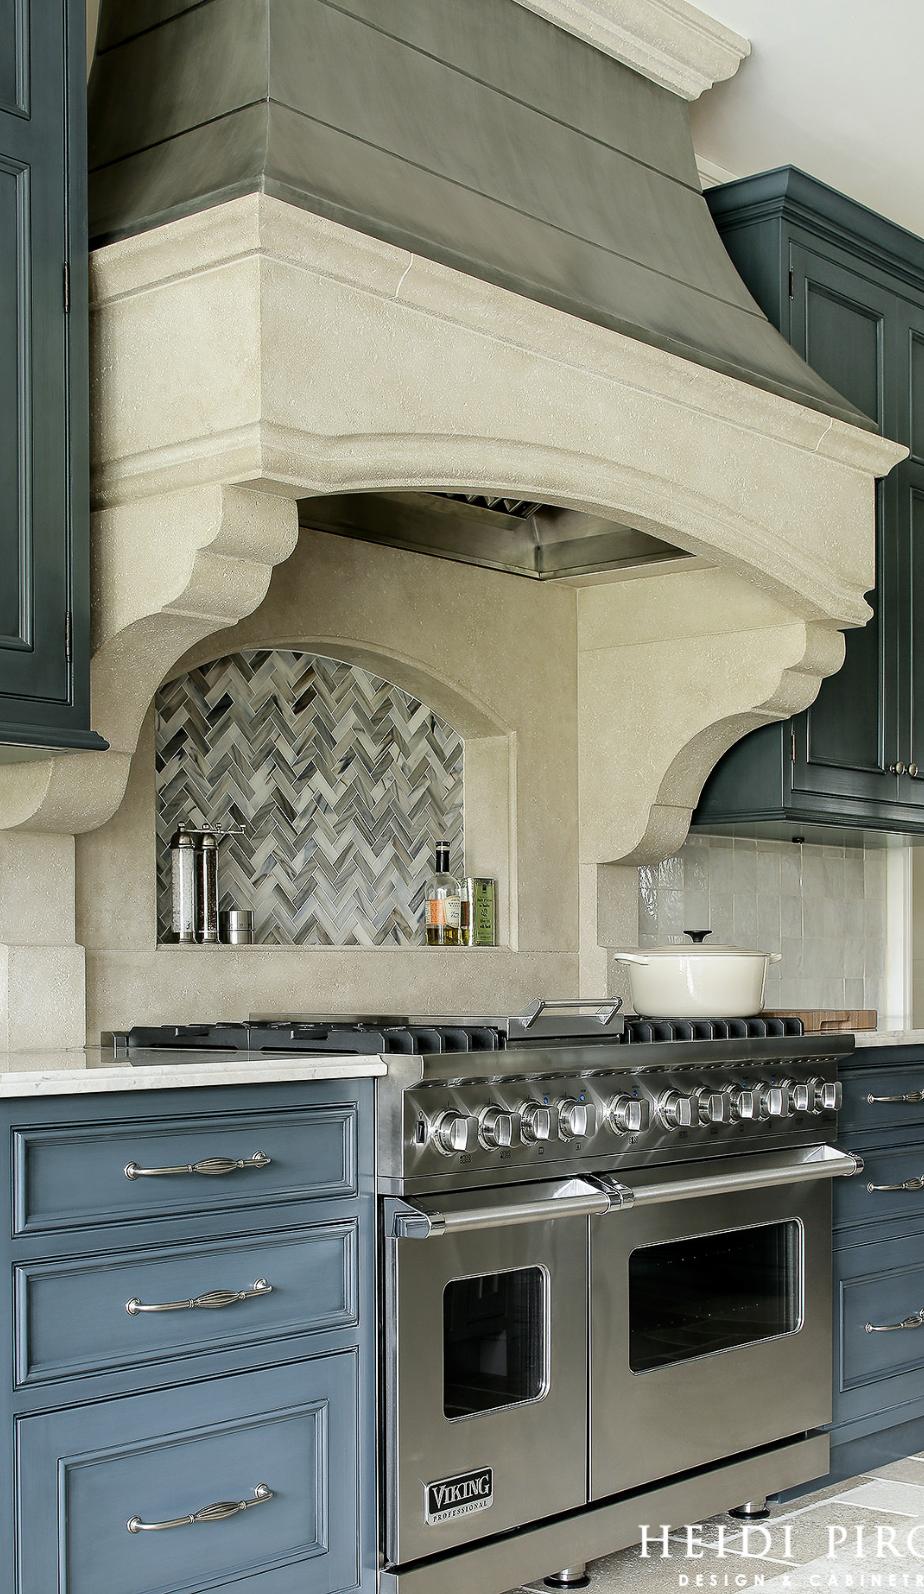 Kitchen Cabinetry Tile Backsplash Range Hood Kitchen